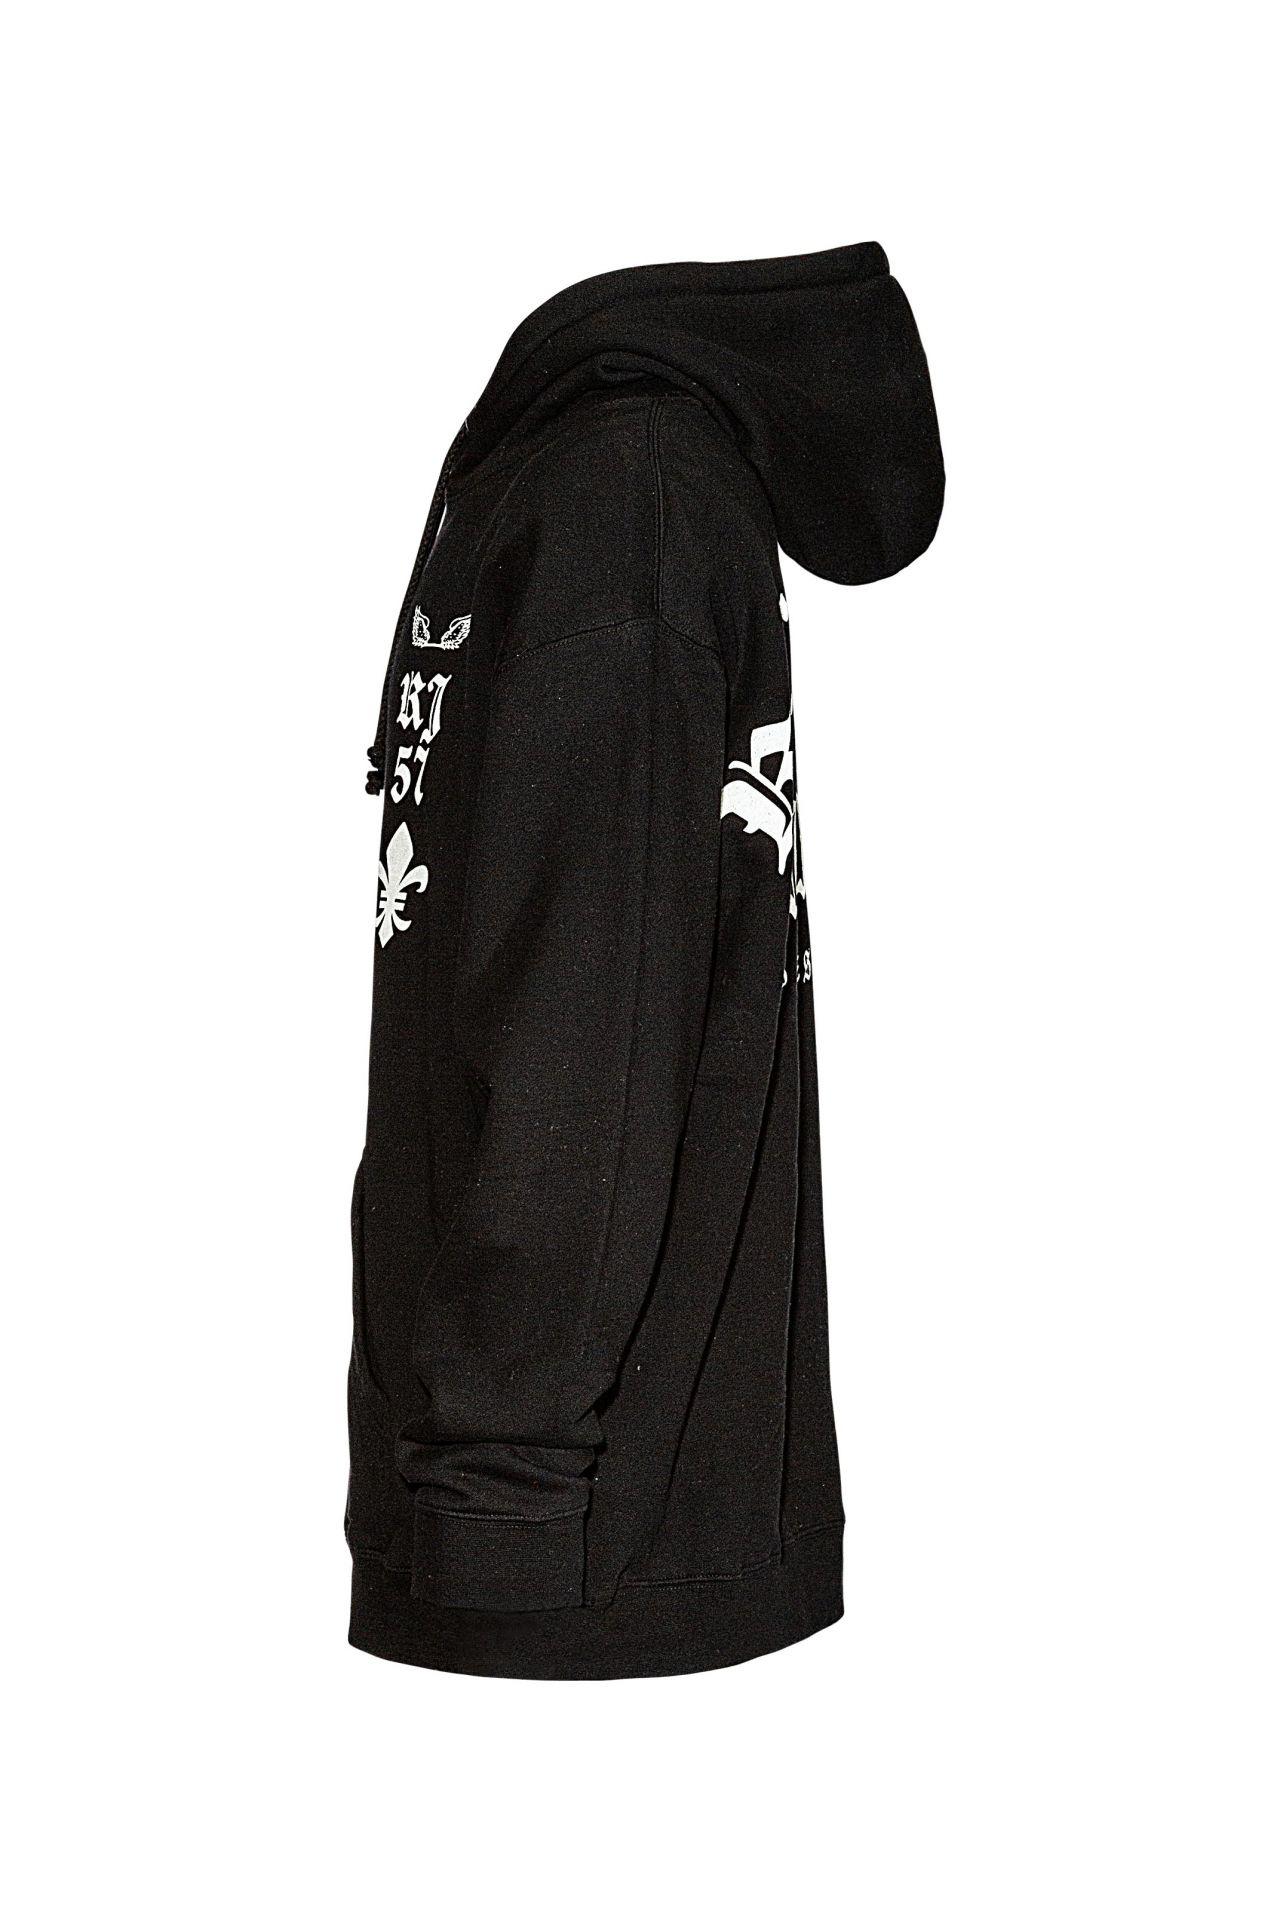 FLEUR-DE-LIS HOODIE IN BLACK